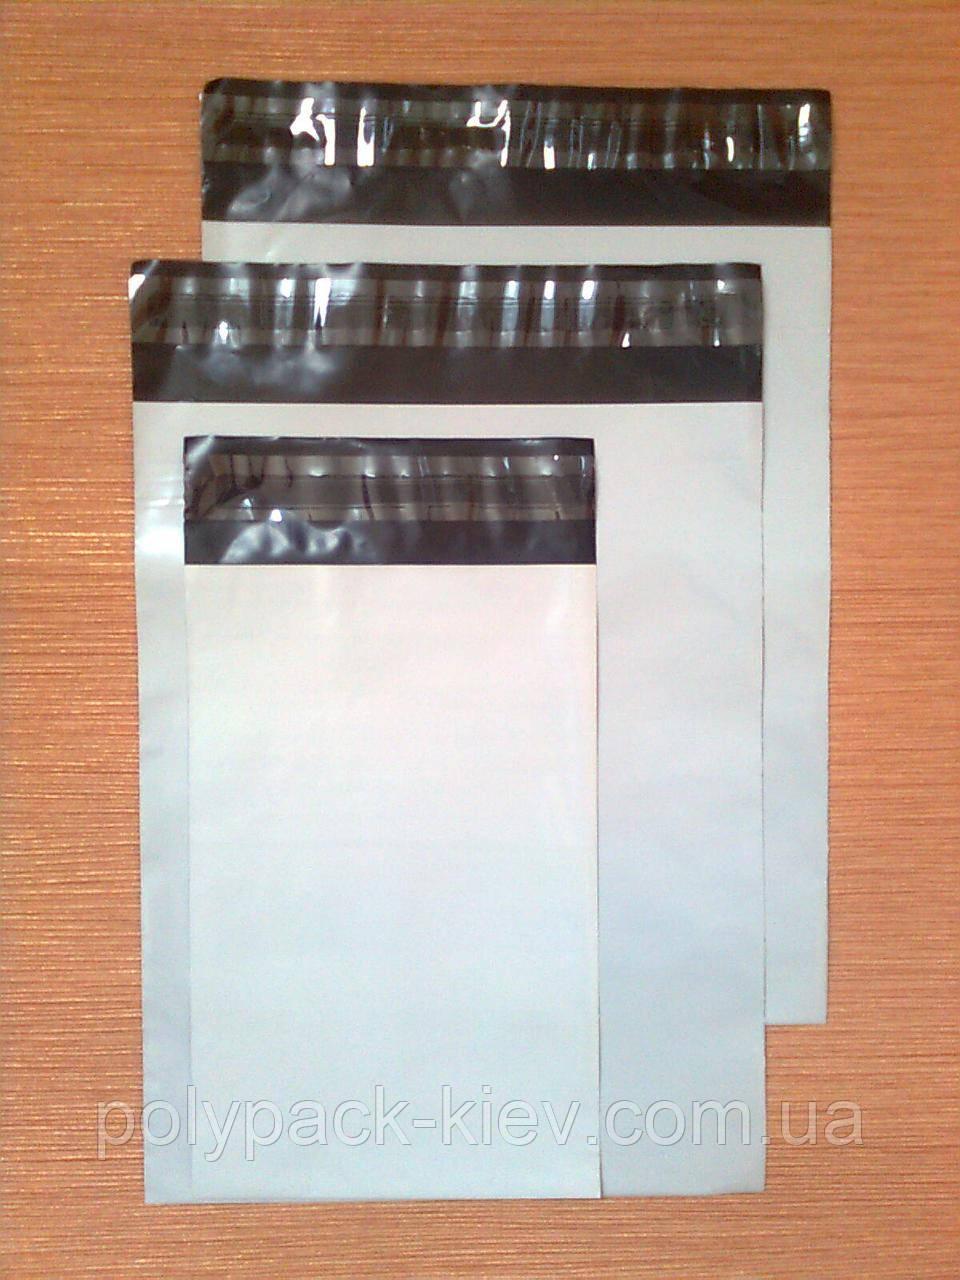 Курьерские пакеты А3 (300*400 мм), курьерский пакет с клейкой лентой, полиэтиленовые пакеты с клапаном